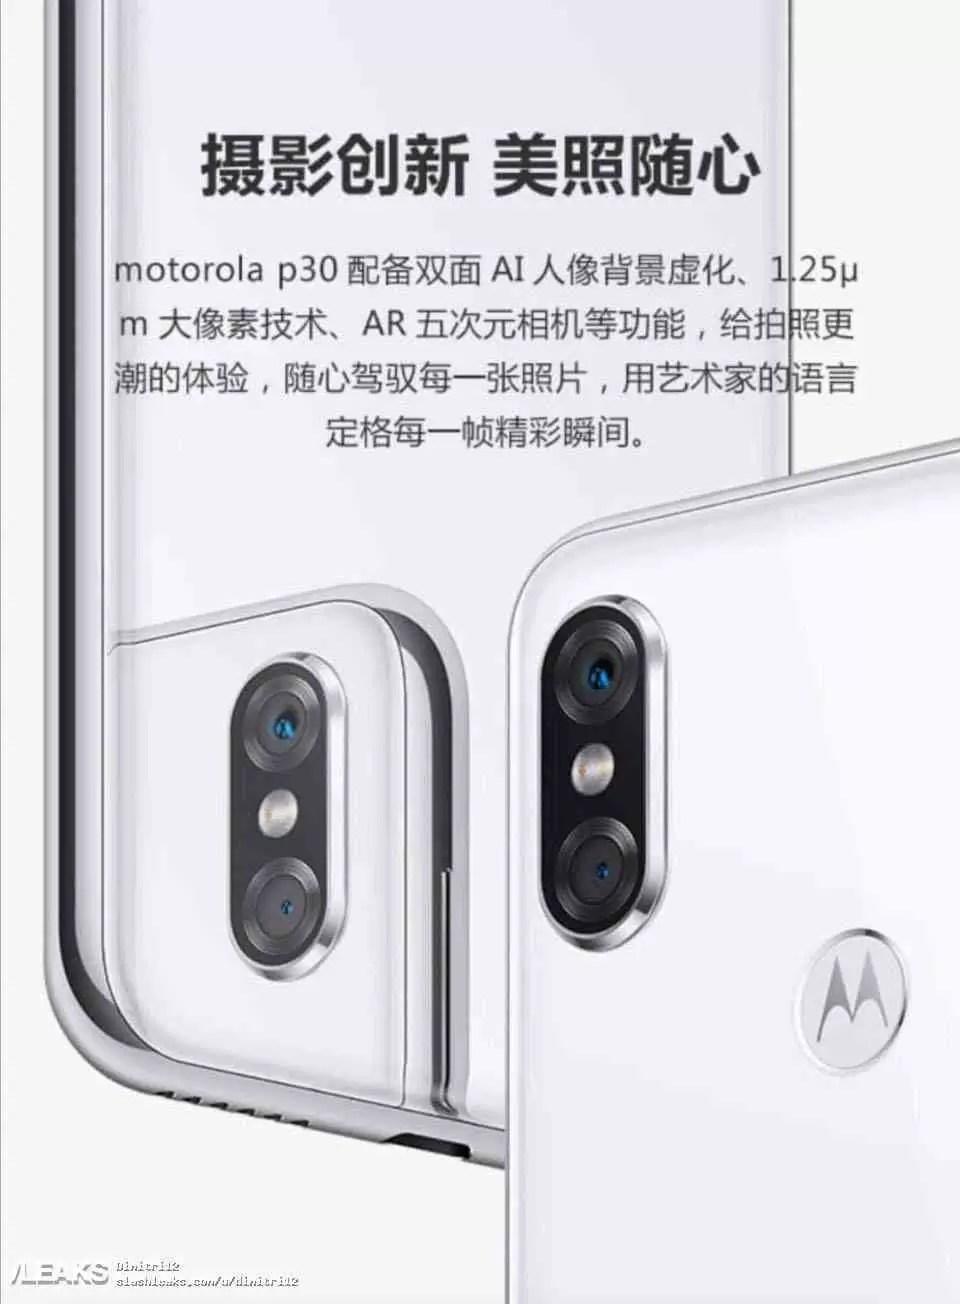 Motorola P30 revelado com especificações no site oficial na China 5